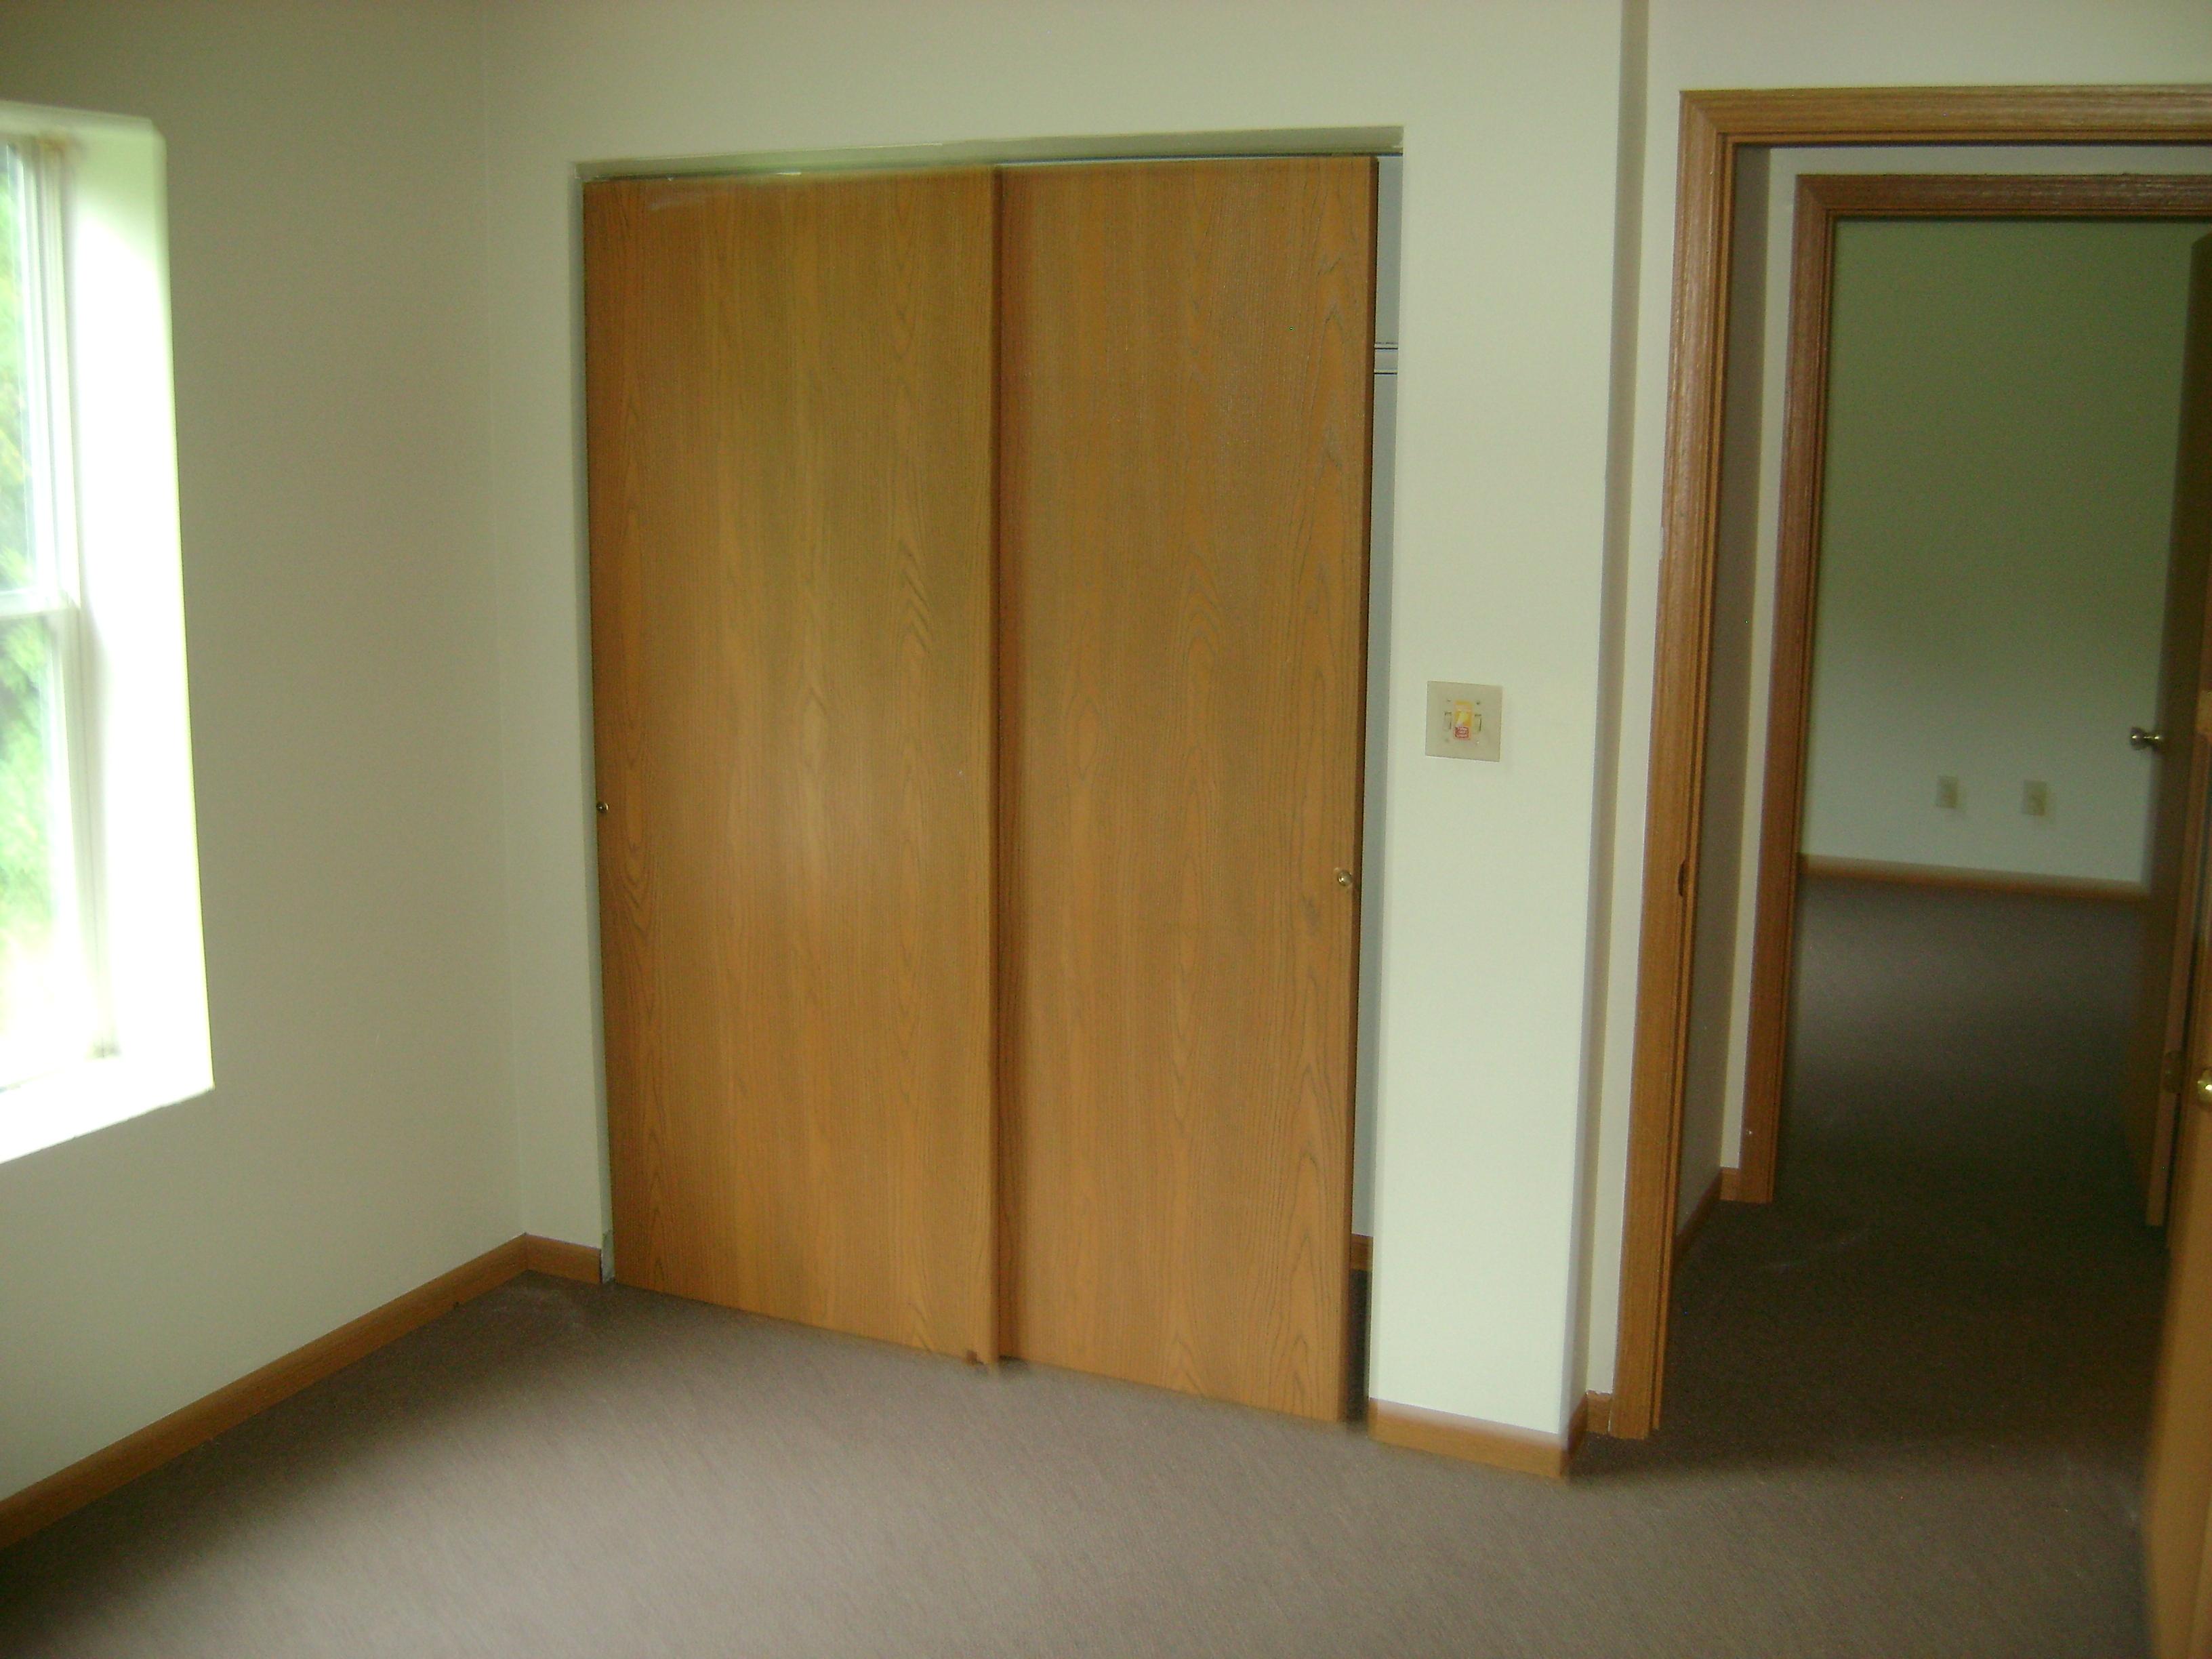 Apartments For Rent In Veedersburg Indiana